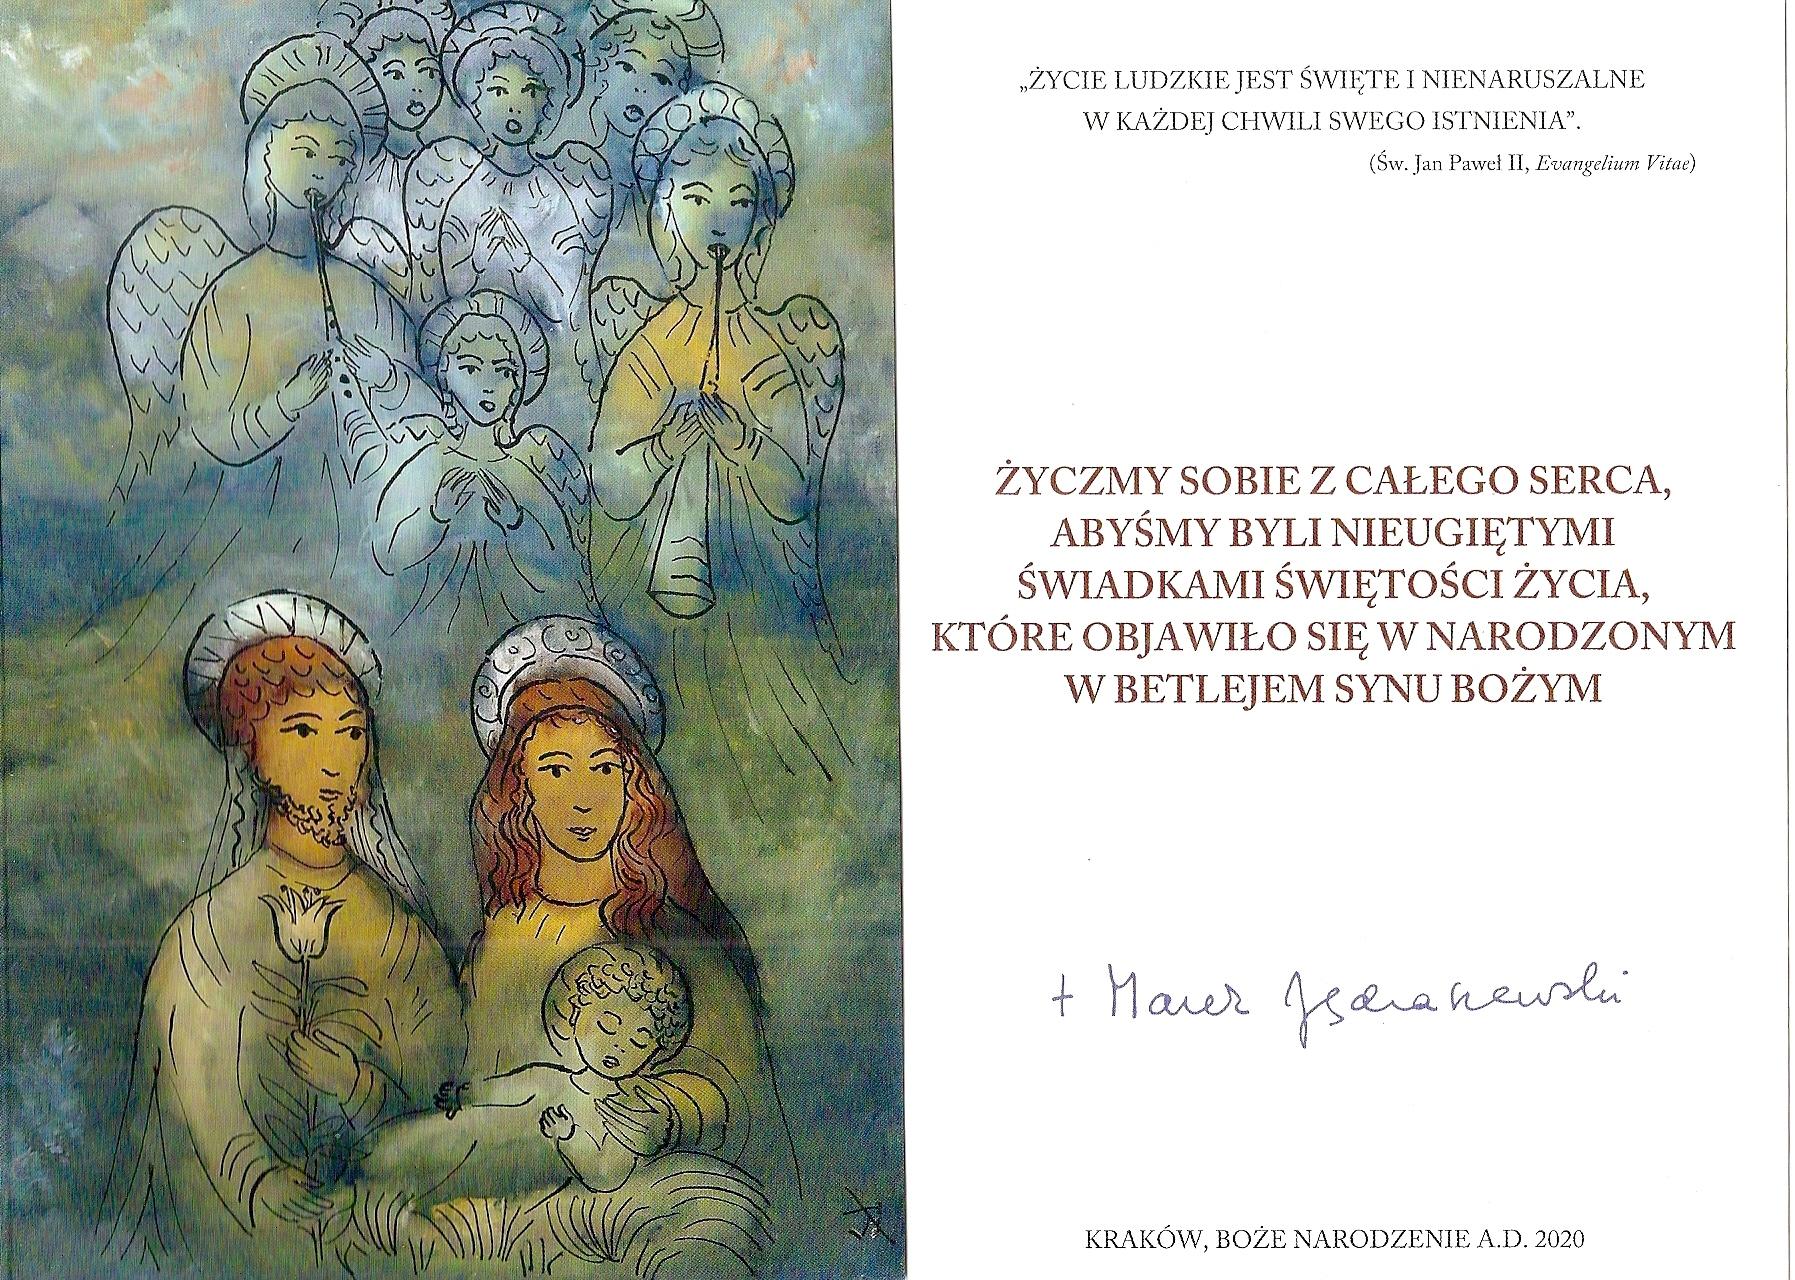 Życzenia metropolity abpa Marka Jędraszewskiego na Święta Bożego Narodzenia 2020